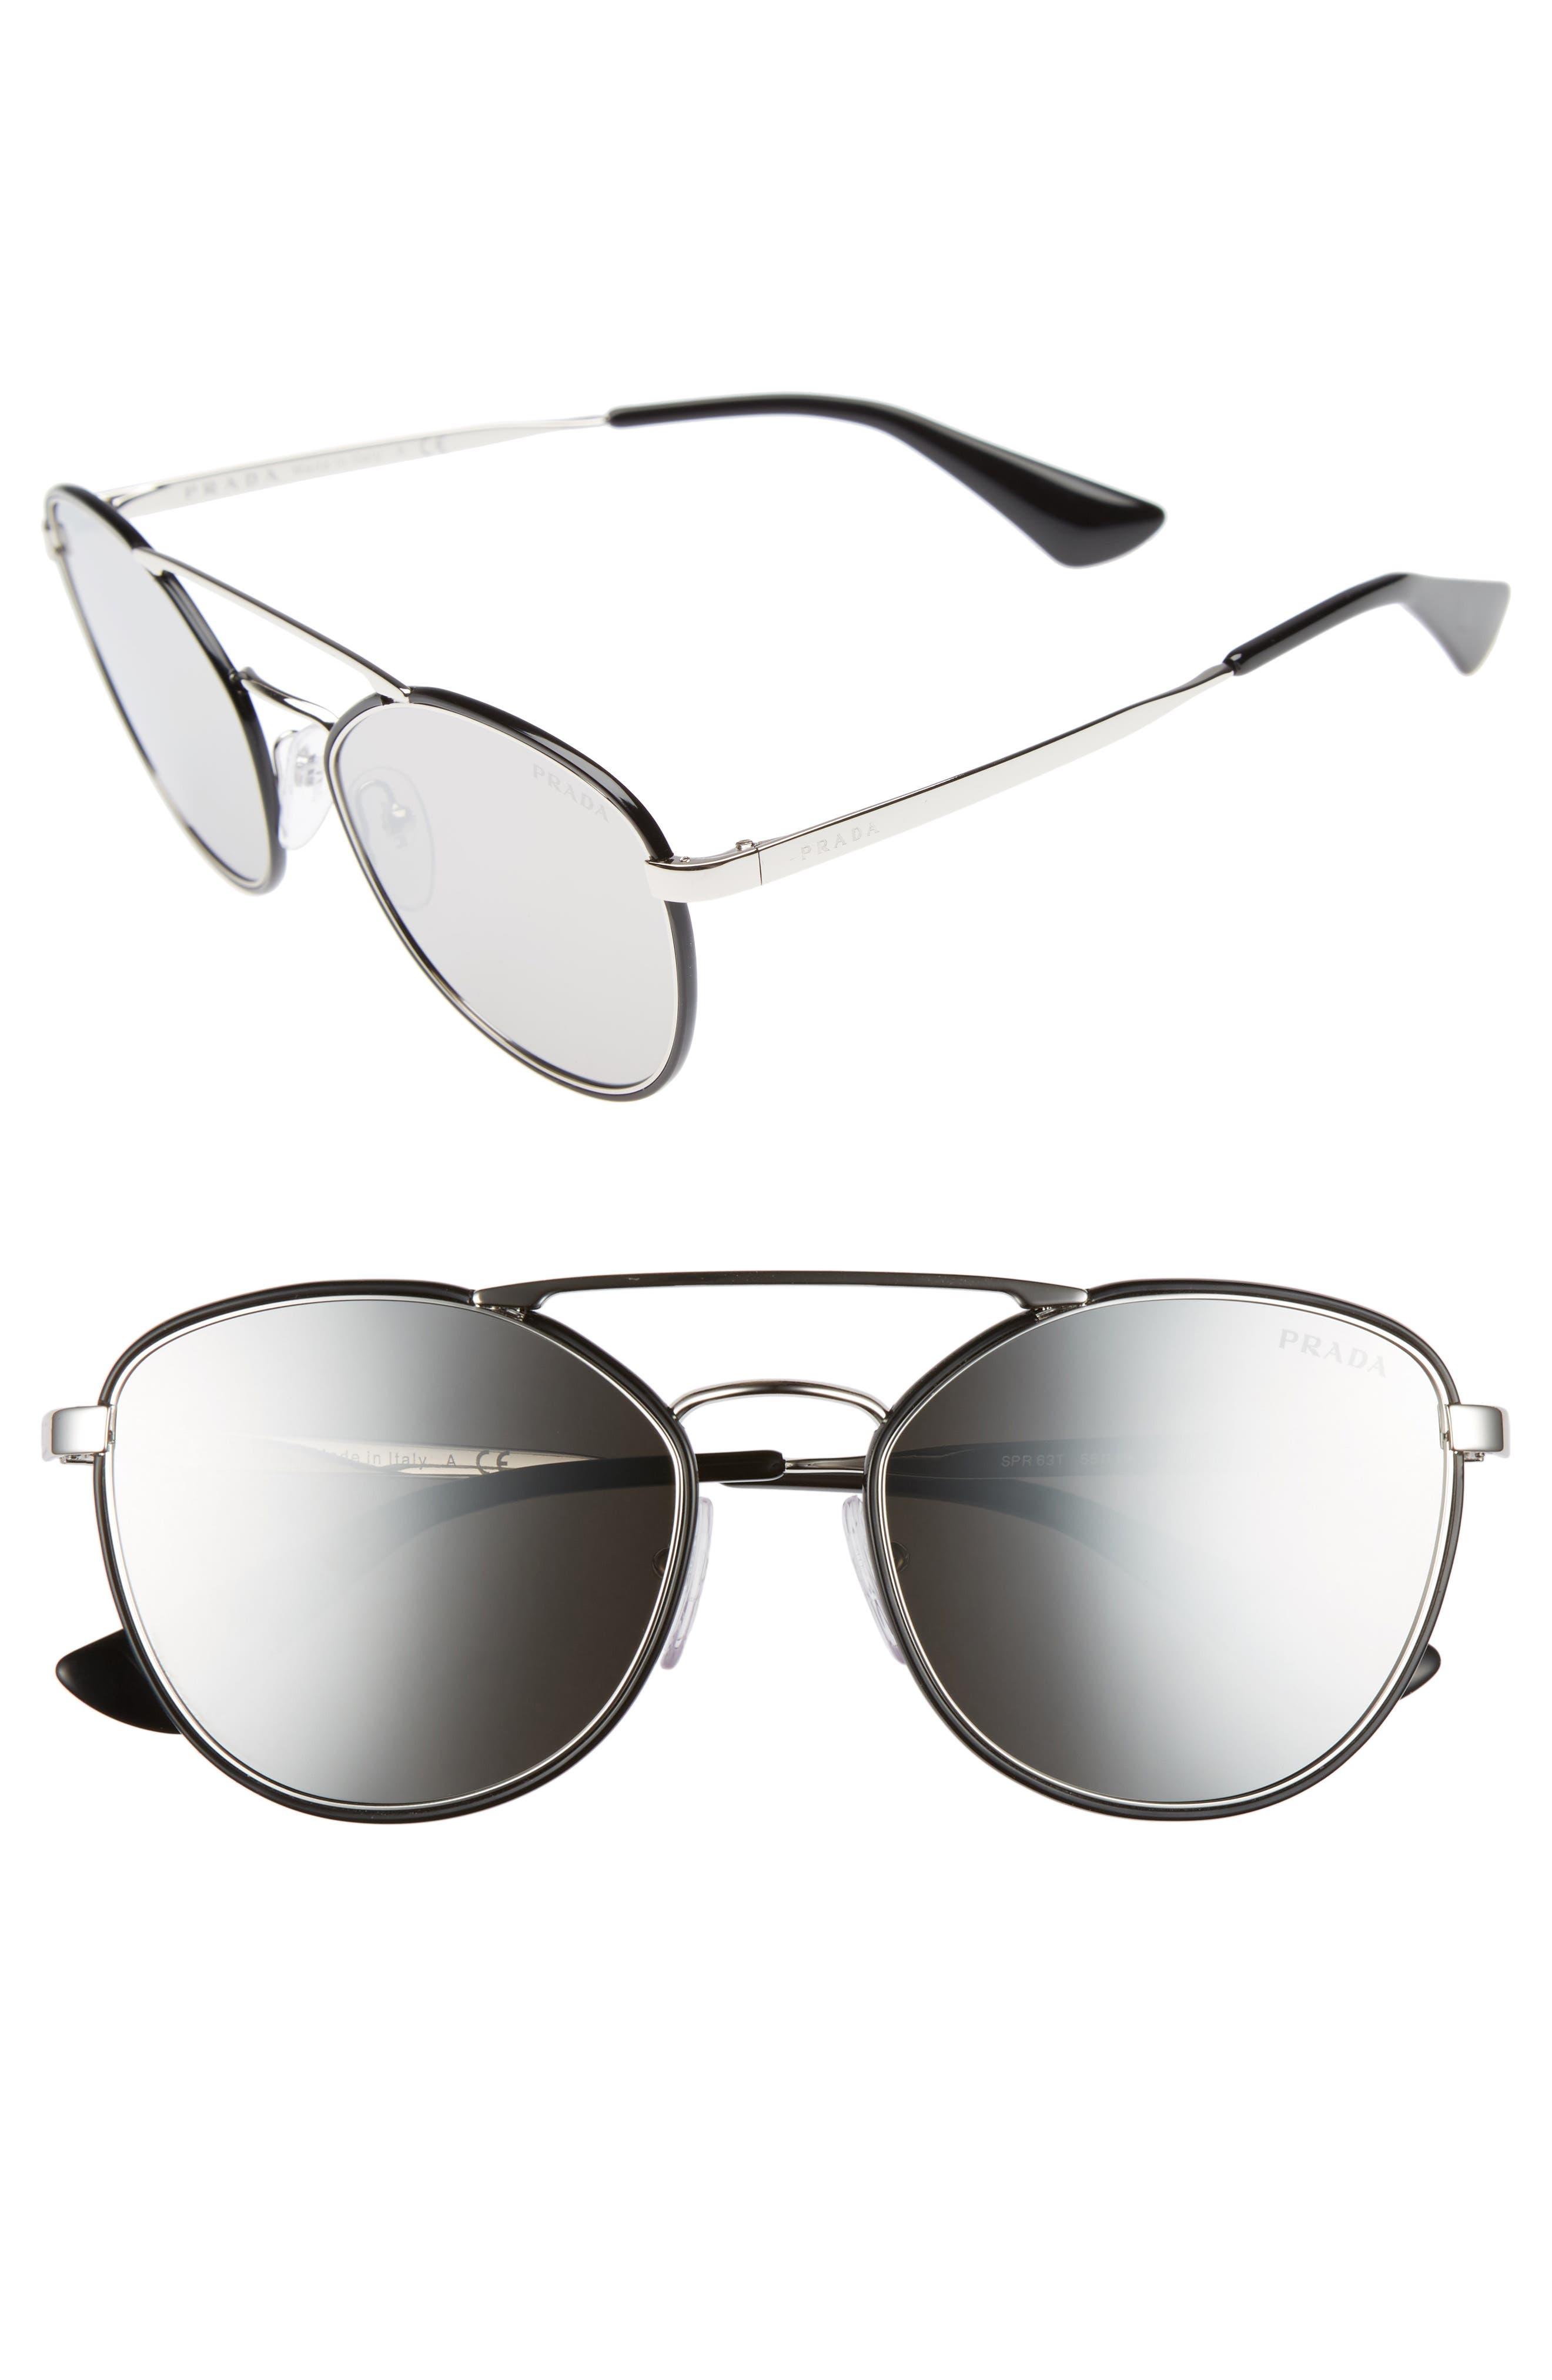 Prada 55mm Mirrored Aviator Sunglasses